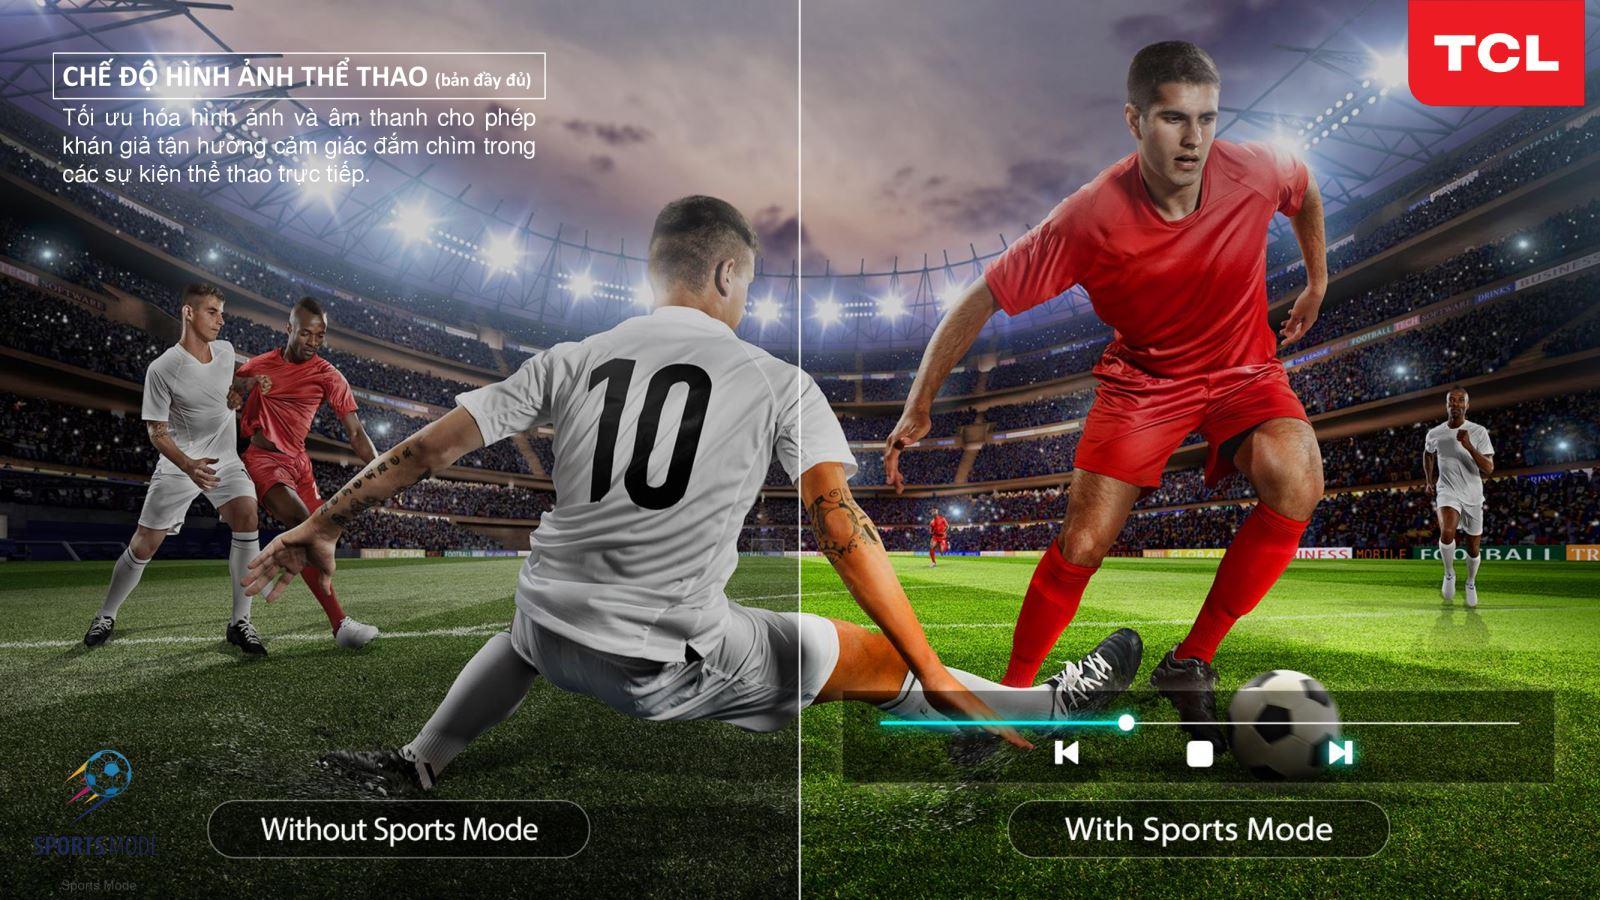 Smart Tivi TCL 55 inch 4K UHD L55C6-UF